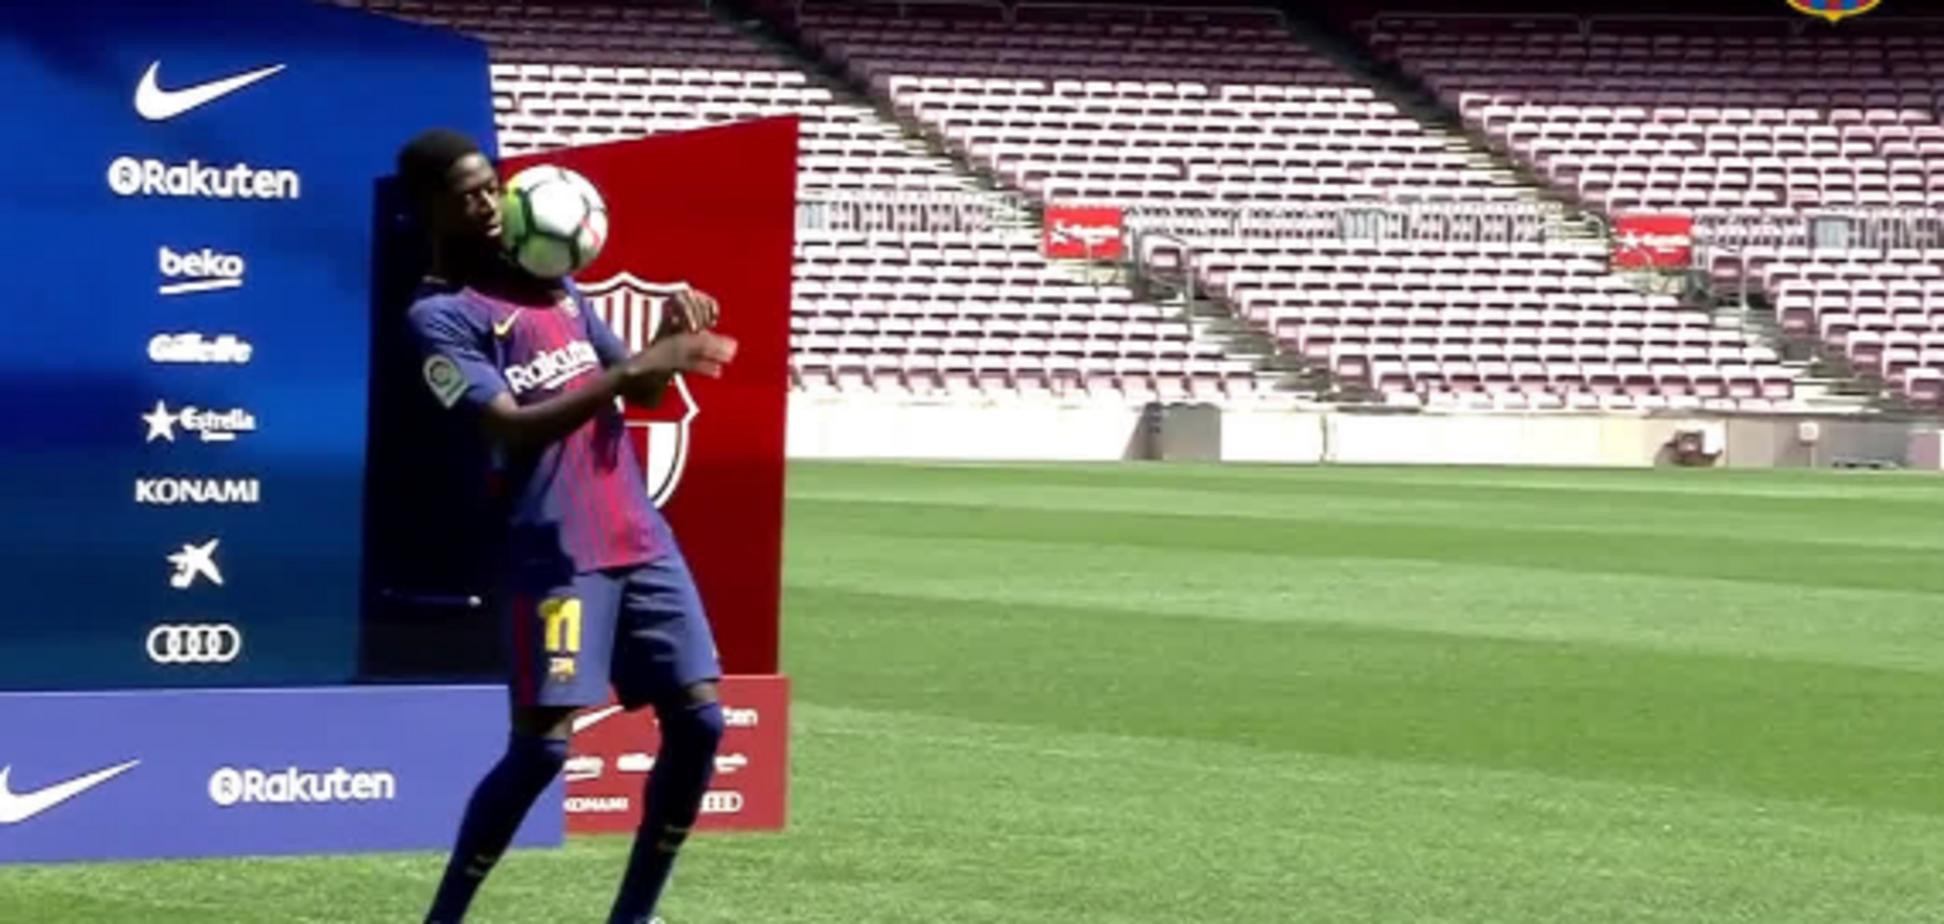 Зоряний новачок 'Барселони' за 105 млн євро двічі оконфузився на презентації, розсмішивши уболівальників: відео ганьби